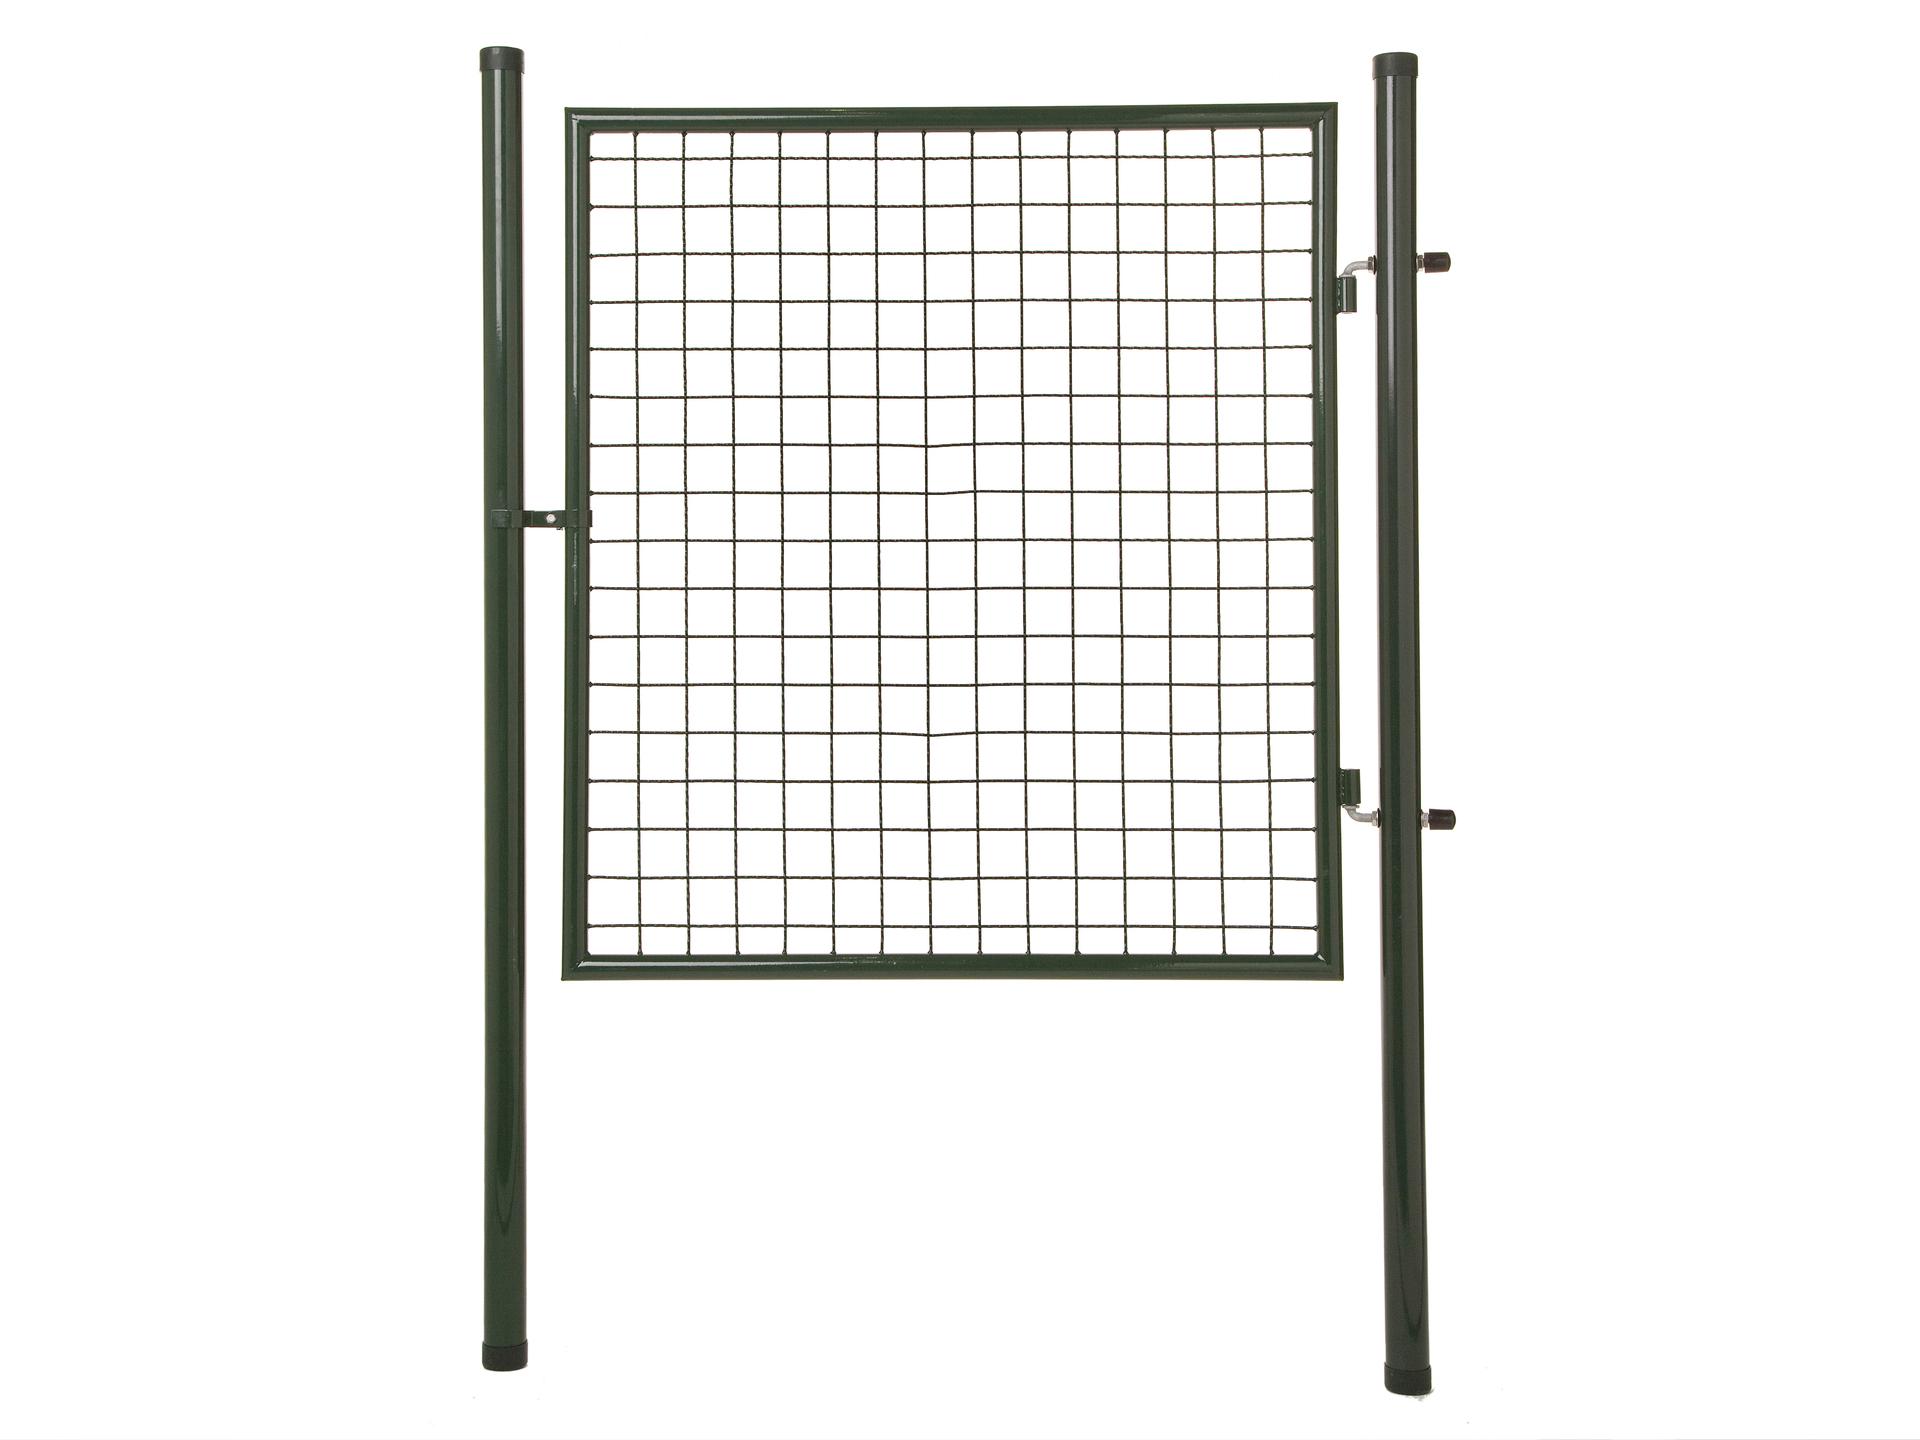 Giardino Promo portillon 100x100 cm vert | Hubo